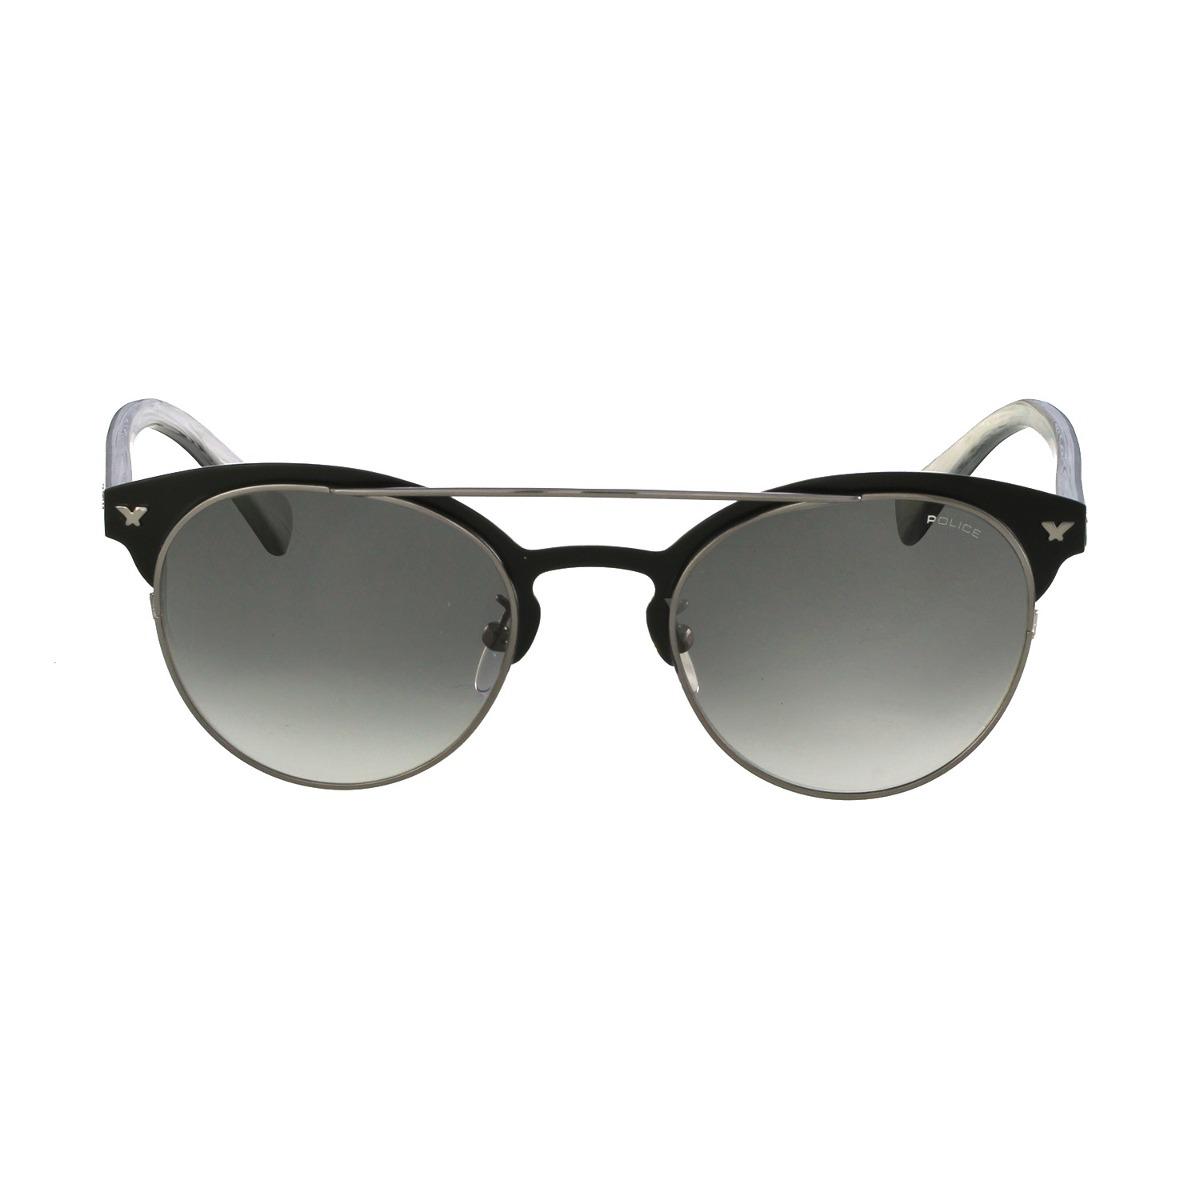 d0fe018e46884 Óculos De Sol Unissex Police Fashion Preto - R  490,00 em Mercado Livre